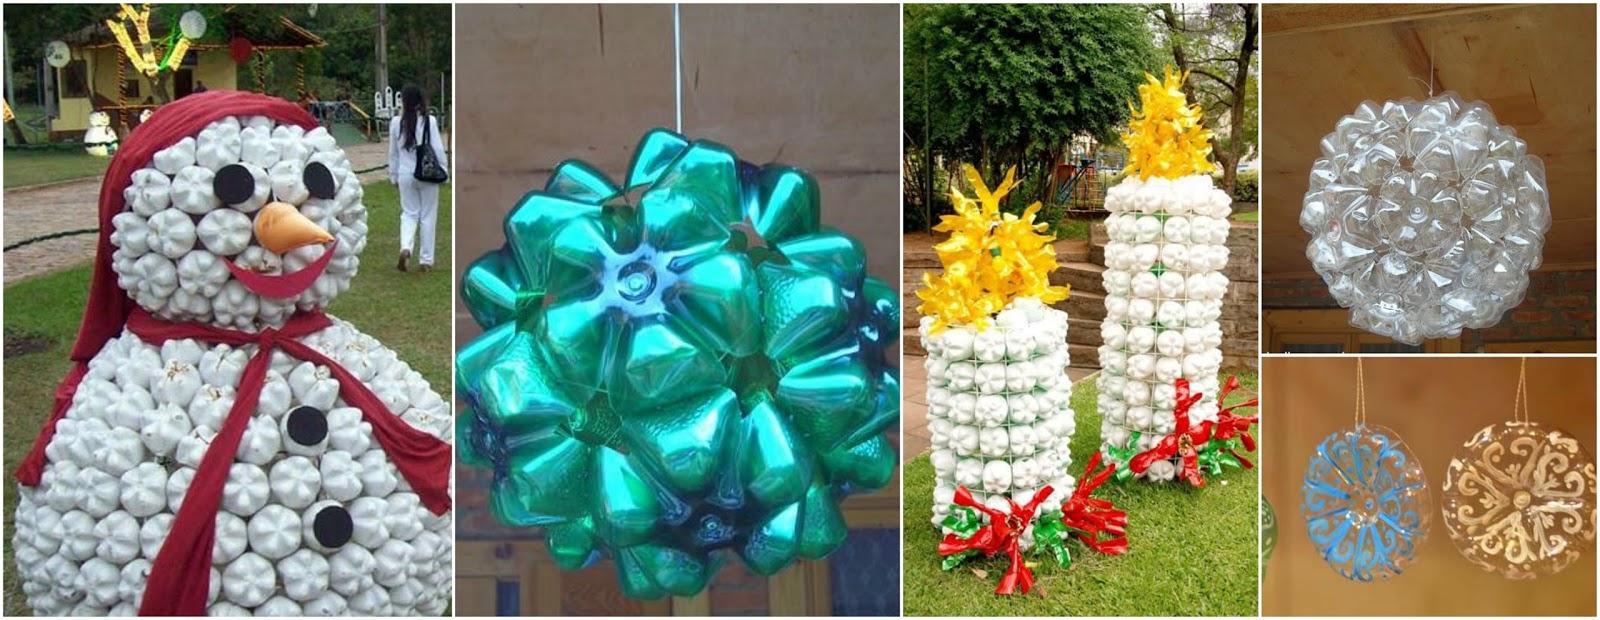 Haz 9 adornos navide os gigantes reciclando botellas de for Adornos navidenos sencillos